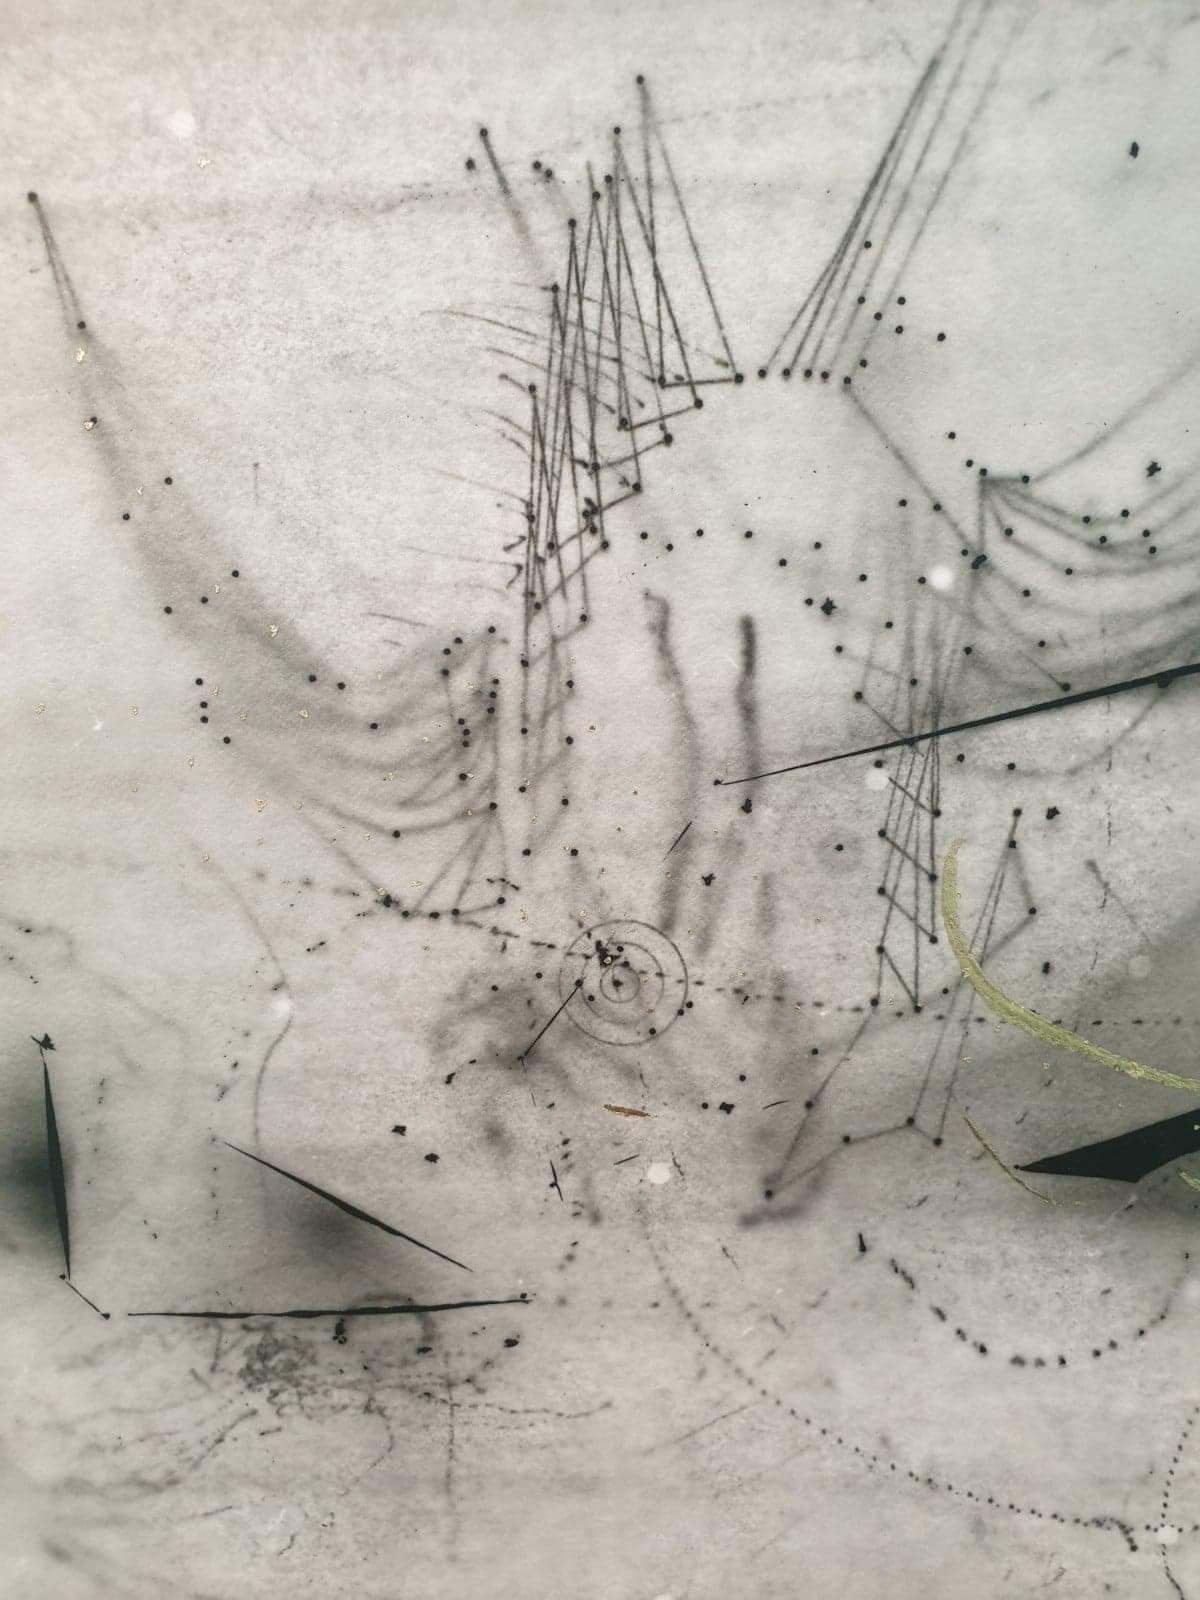 Nina Roussière - Constellation du dragon, 2020 (détail) - Les traces du futur - galerie chantiersBoîteNoire - © Photo Nina Roussière